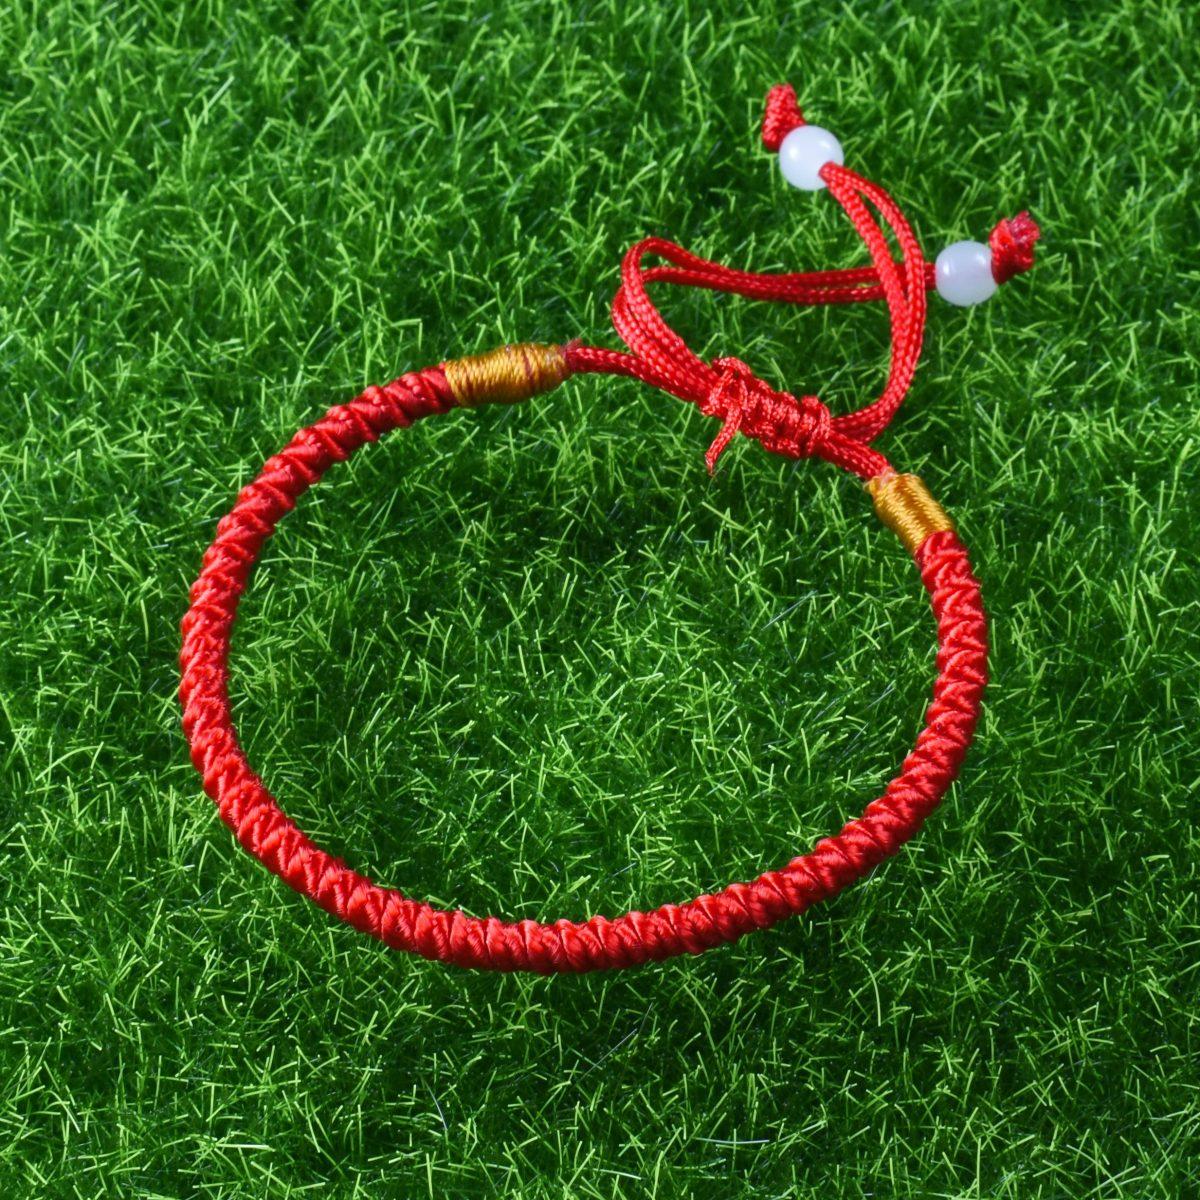 Красный браслет из шнурка лежит на траве